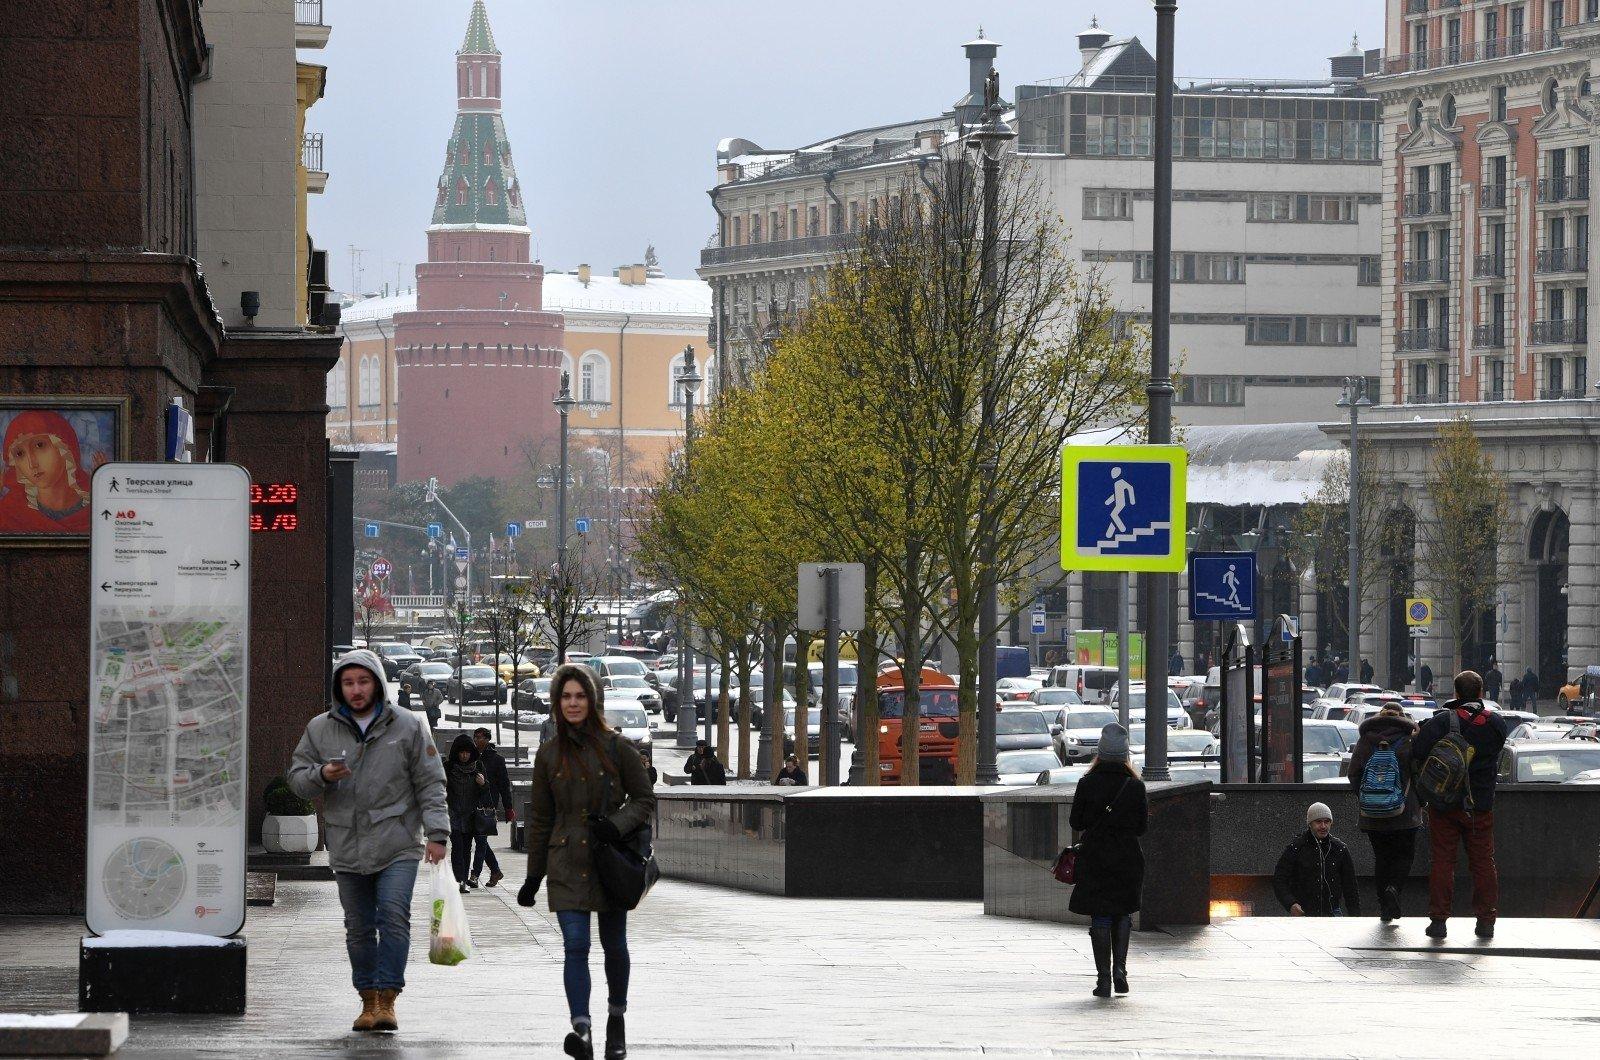 Большинство граждан России сочли себя пострадавшими от финансового кризиса